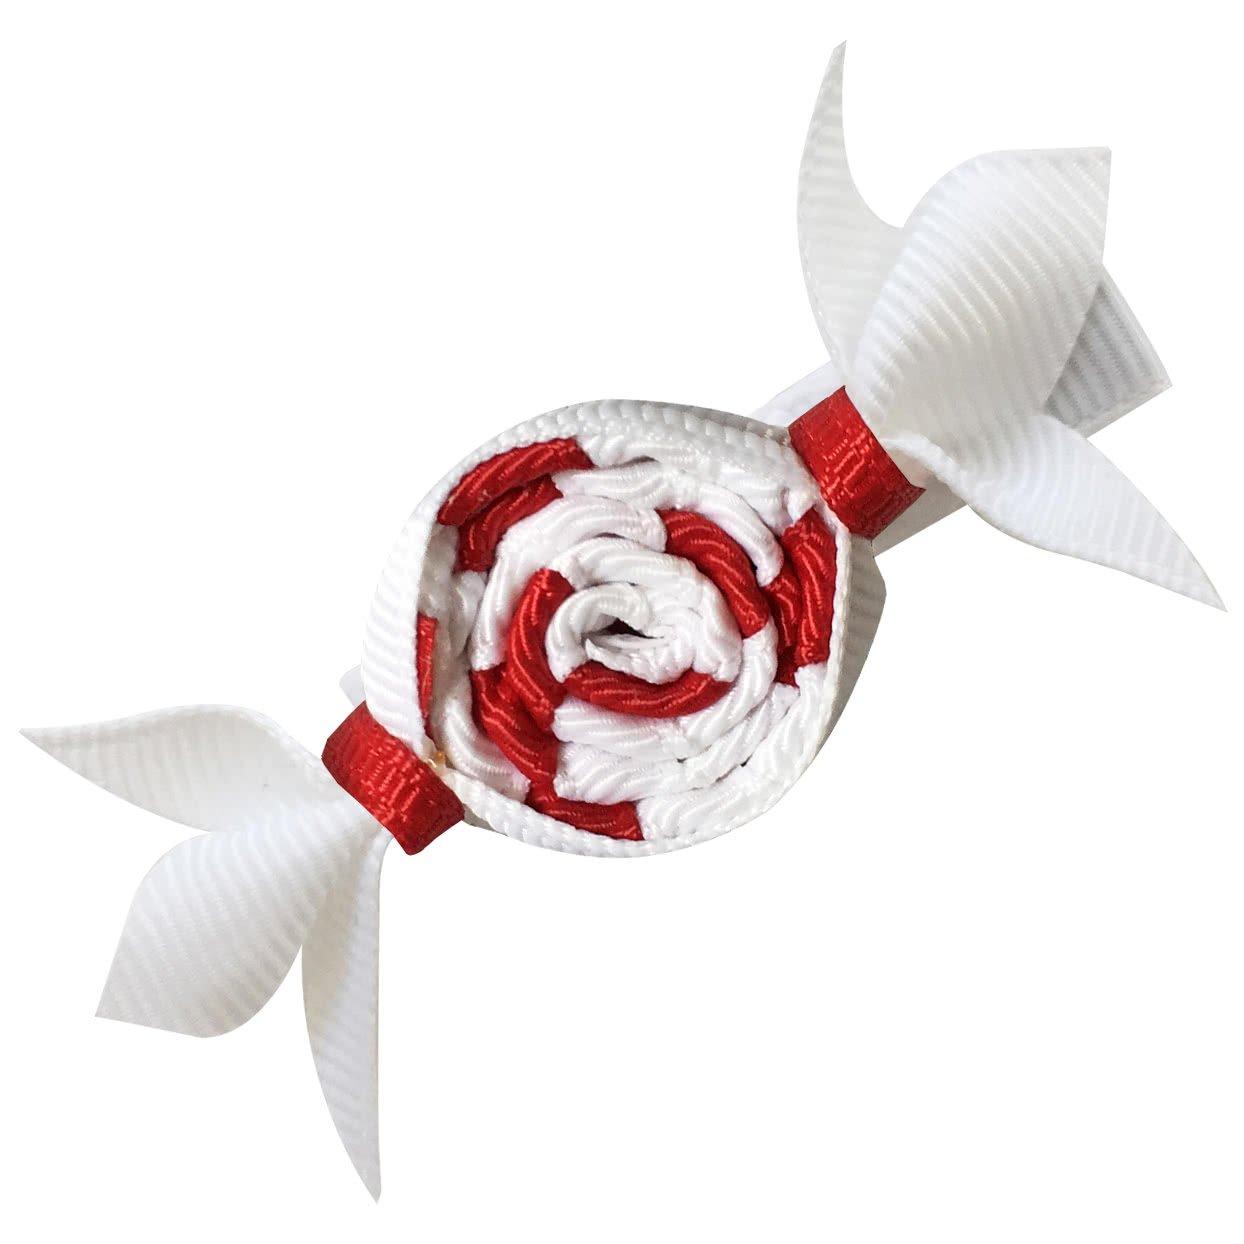 Image of Milledeux® Bonbon - alligator clip - scarlet